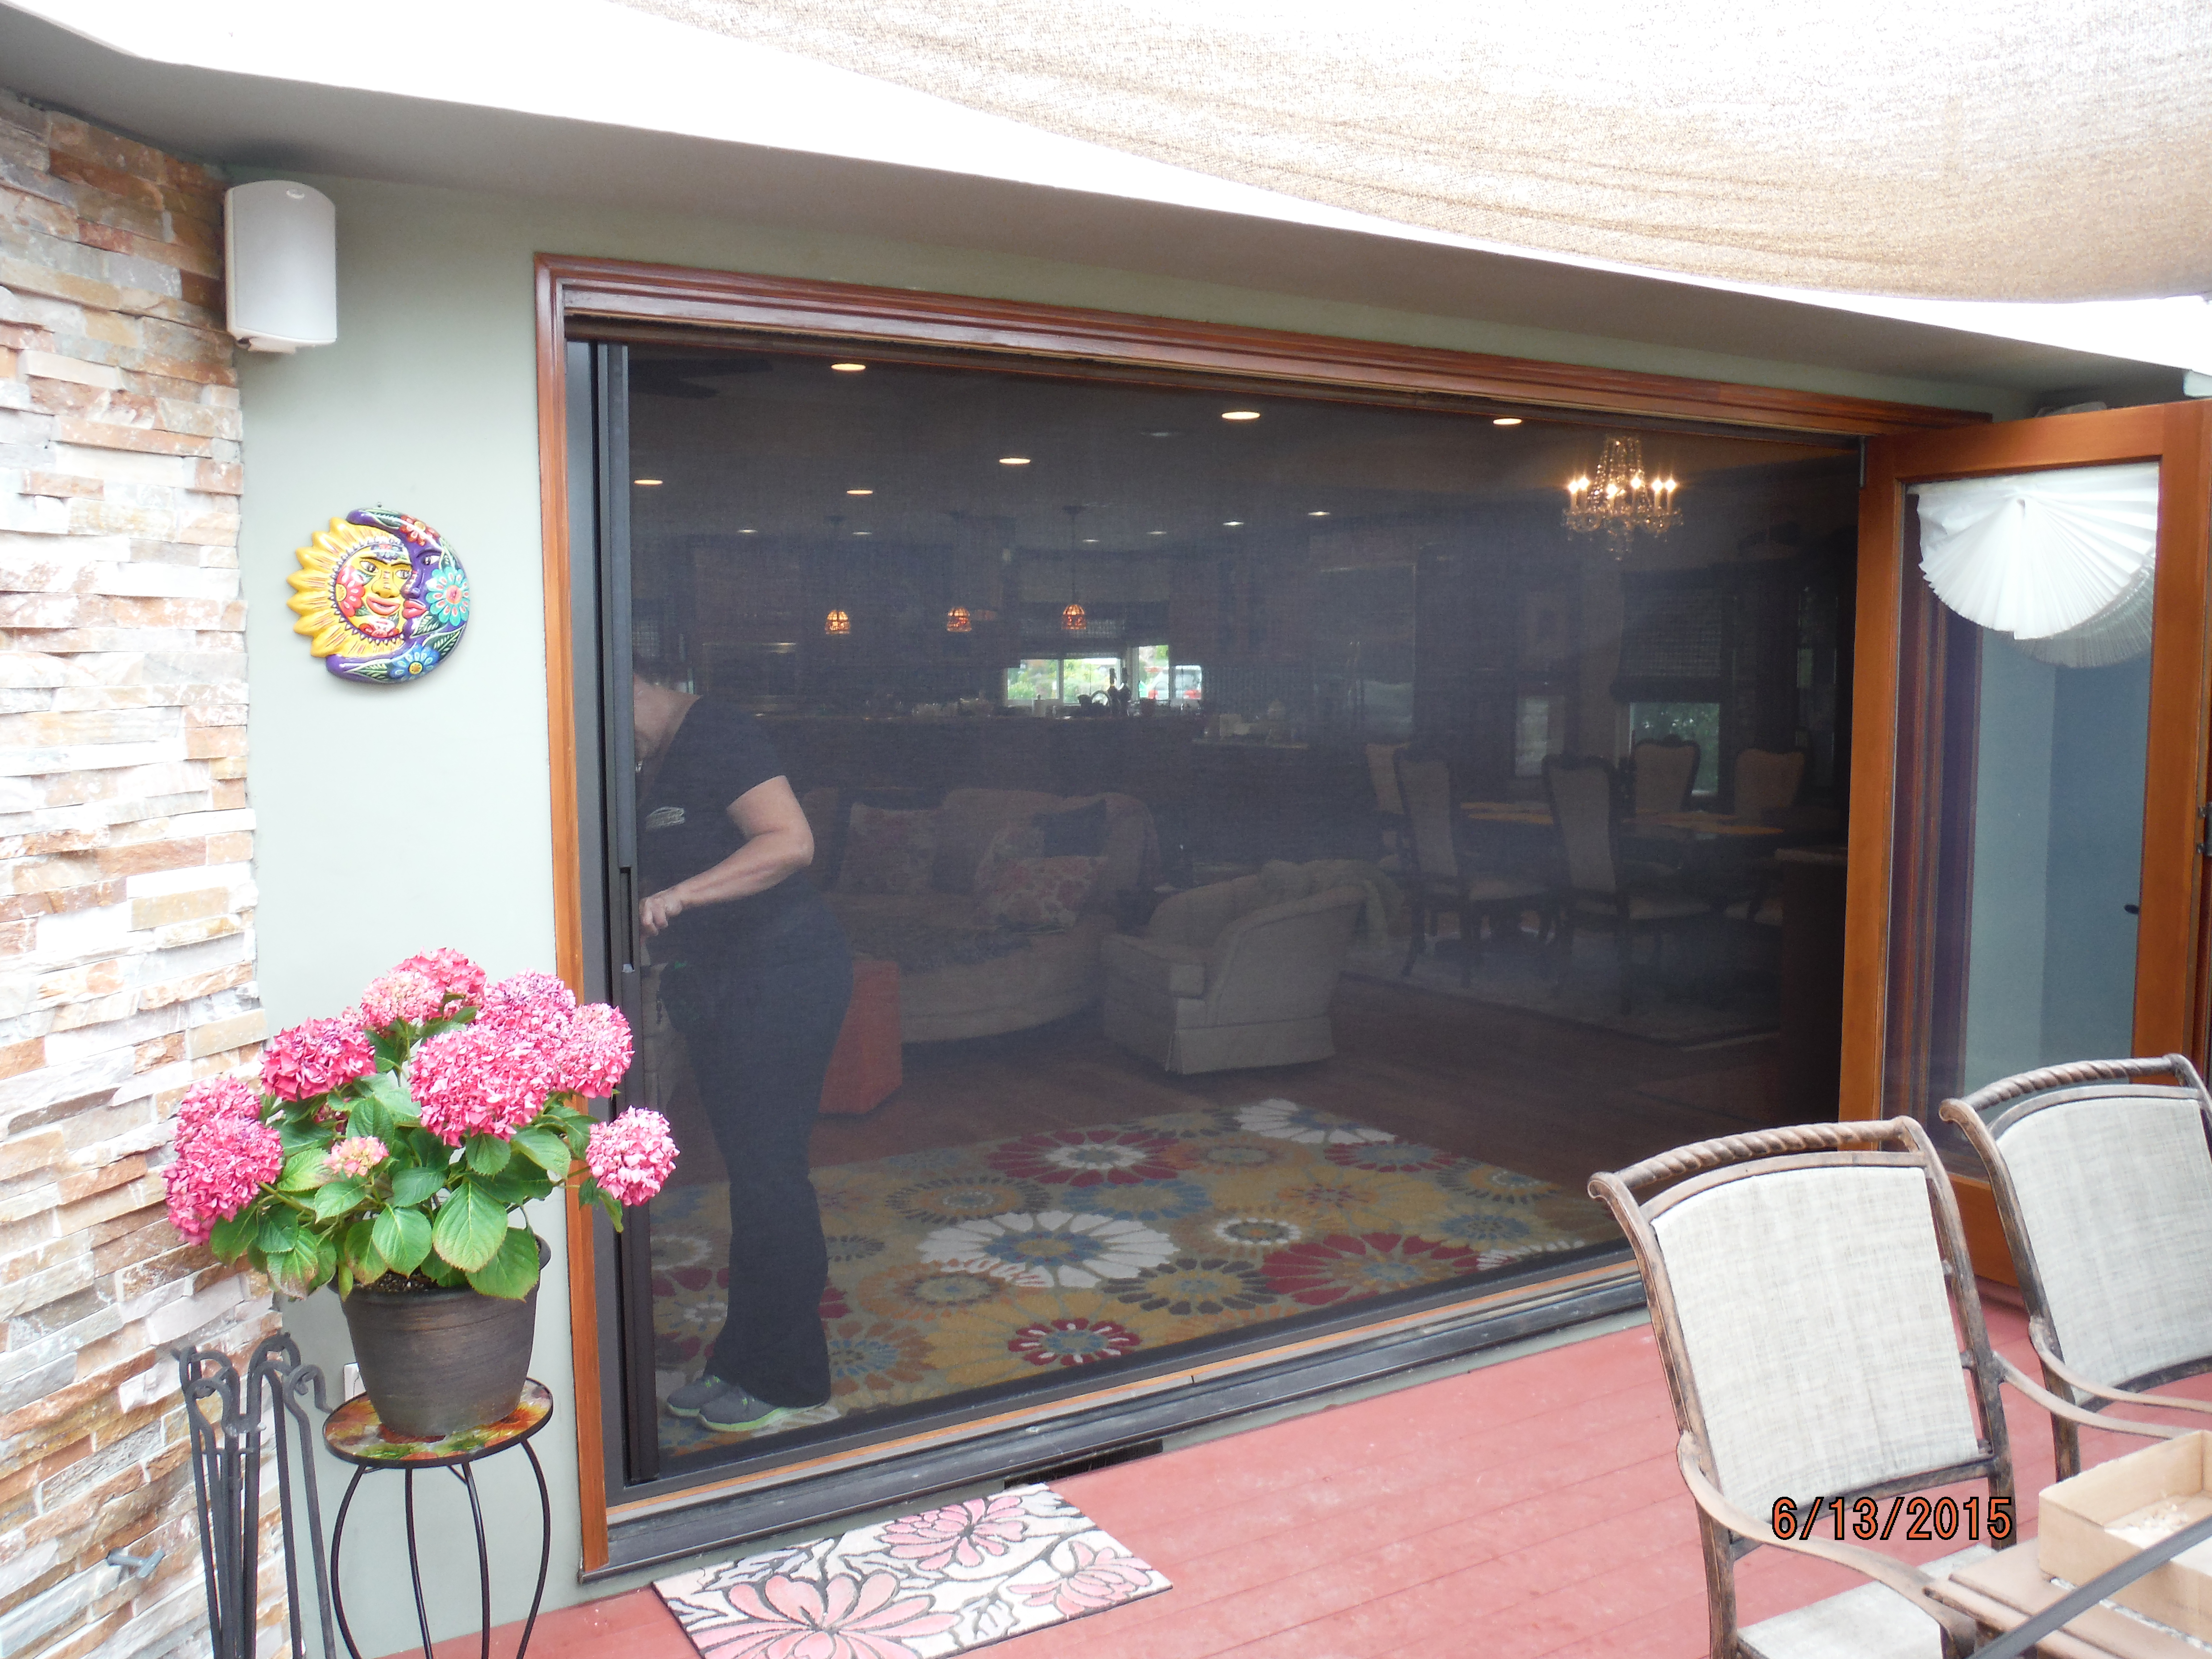 Centor Arquitectural Retractable Screens in Encino